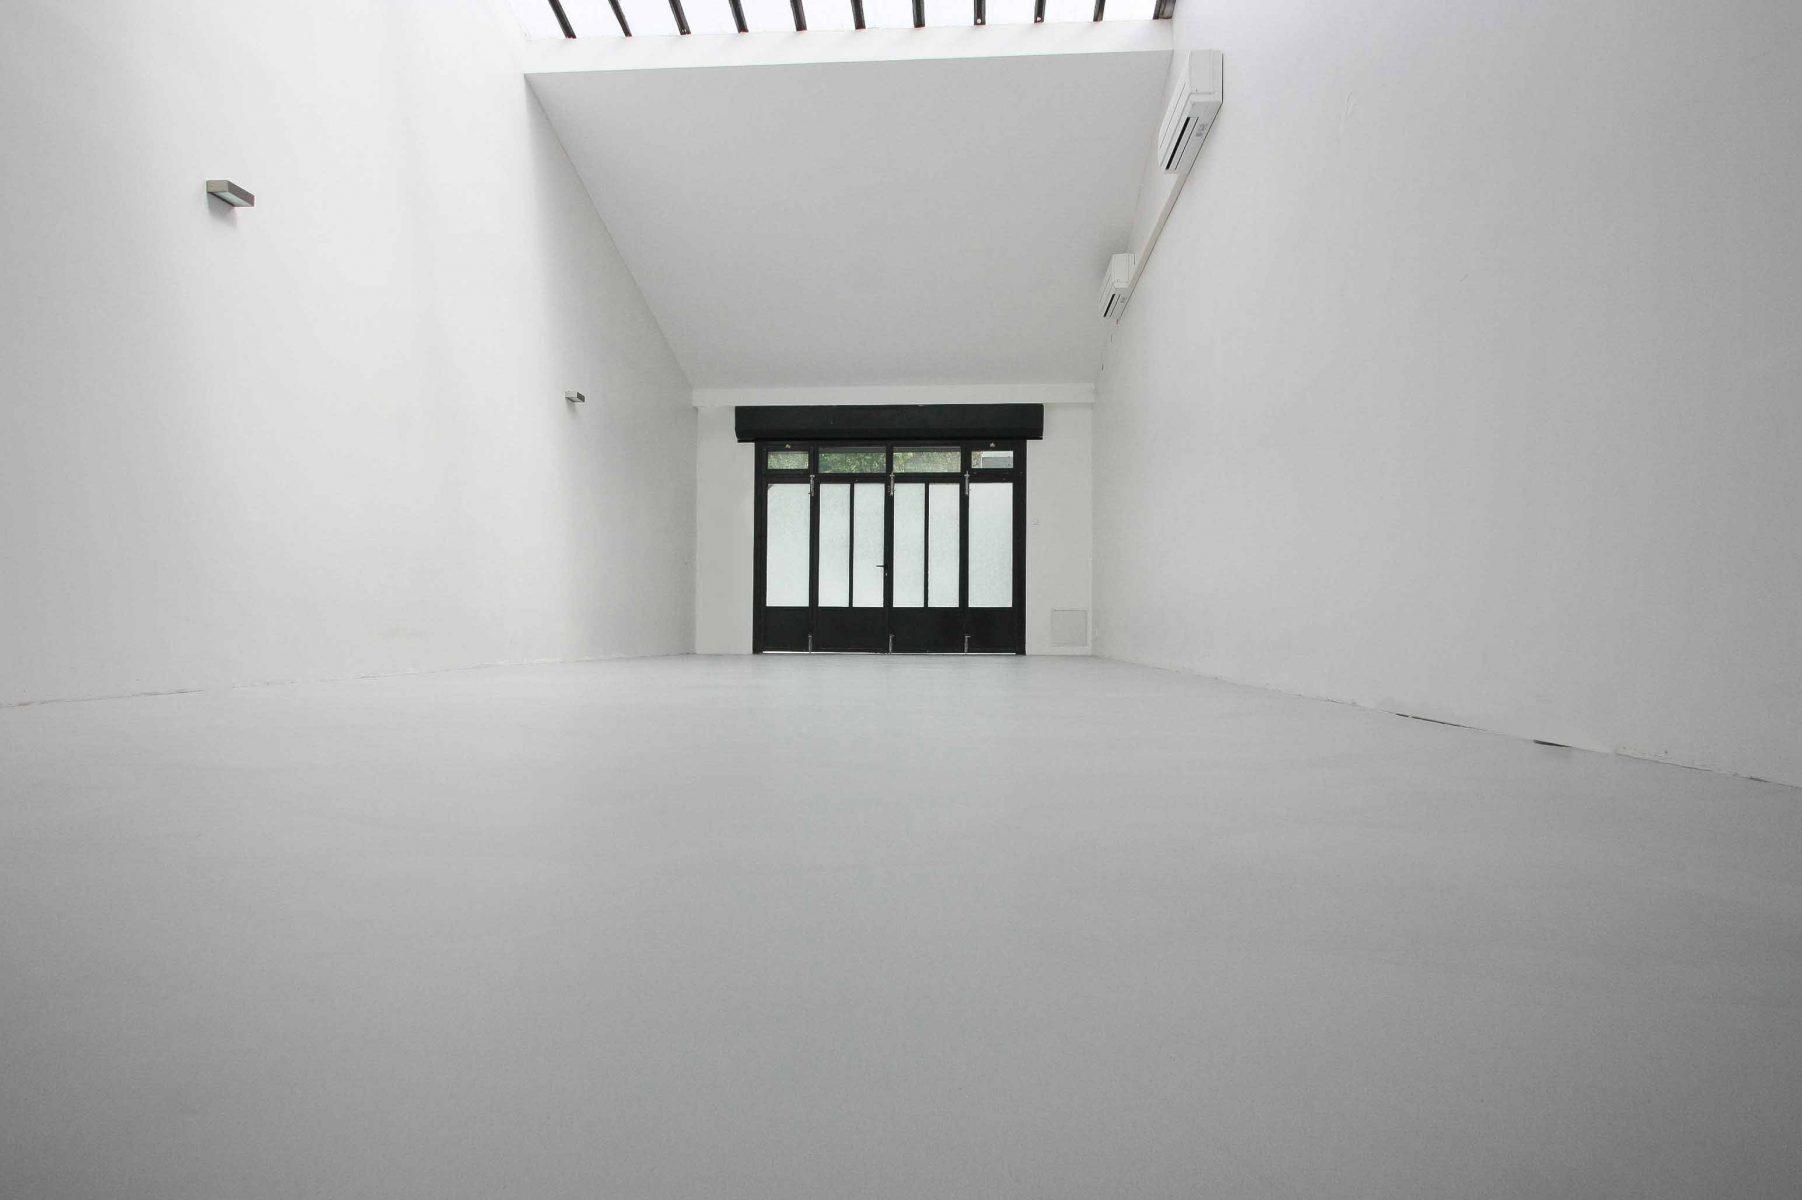 sol béton ciré taloché studio photo Décaum Paris